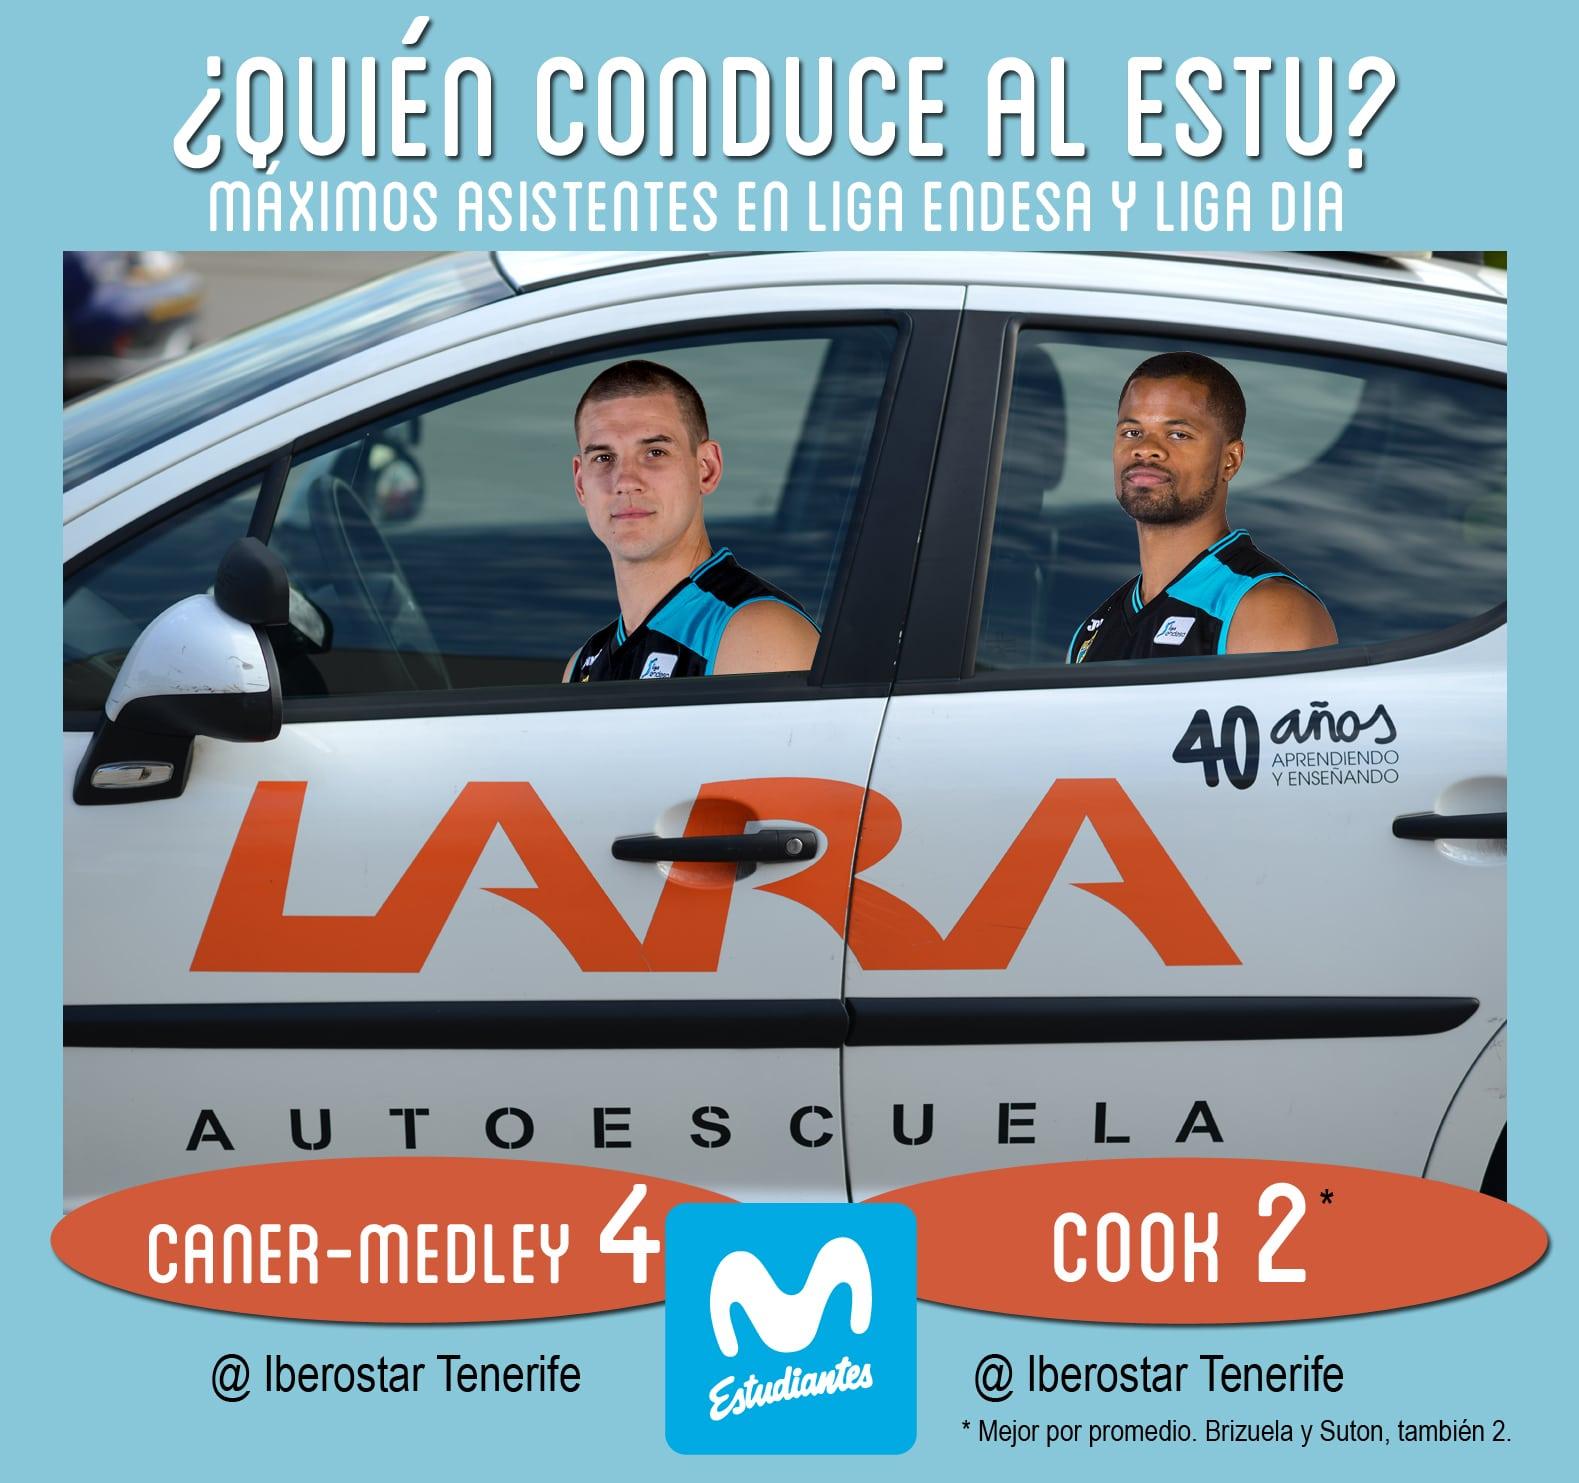 Conductores Autoescuela Lara: Caner-Medley y Cook